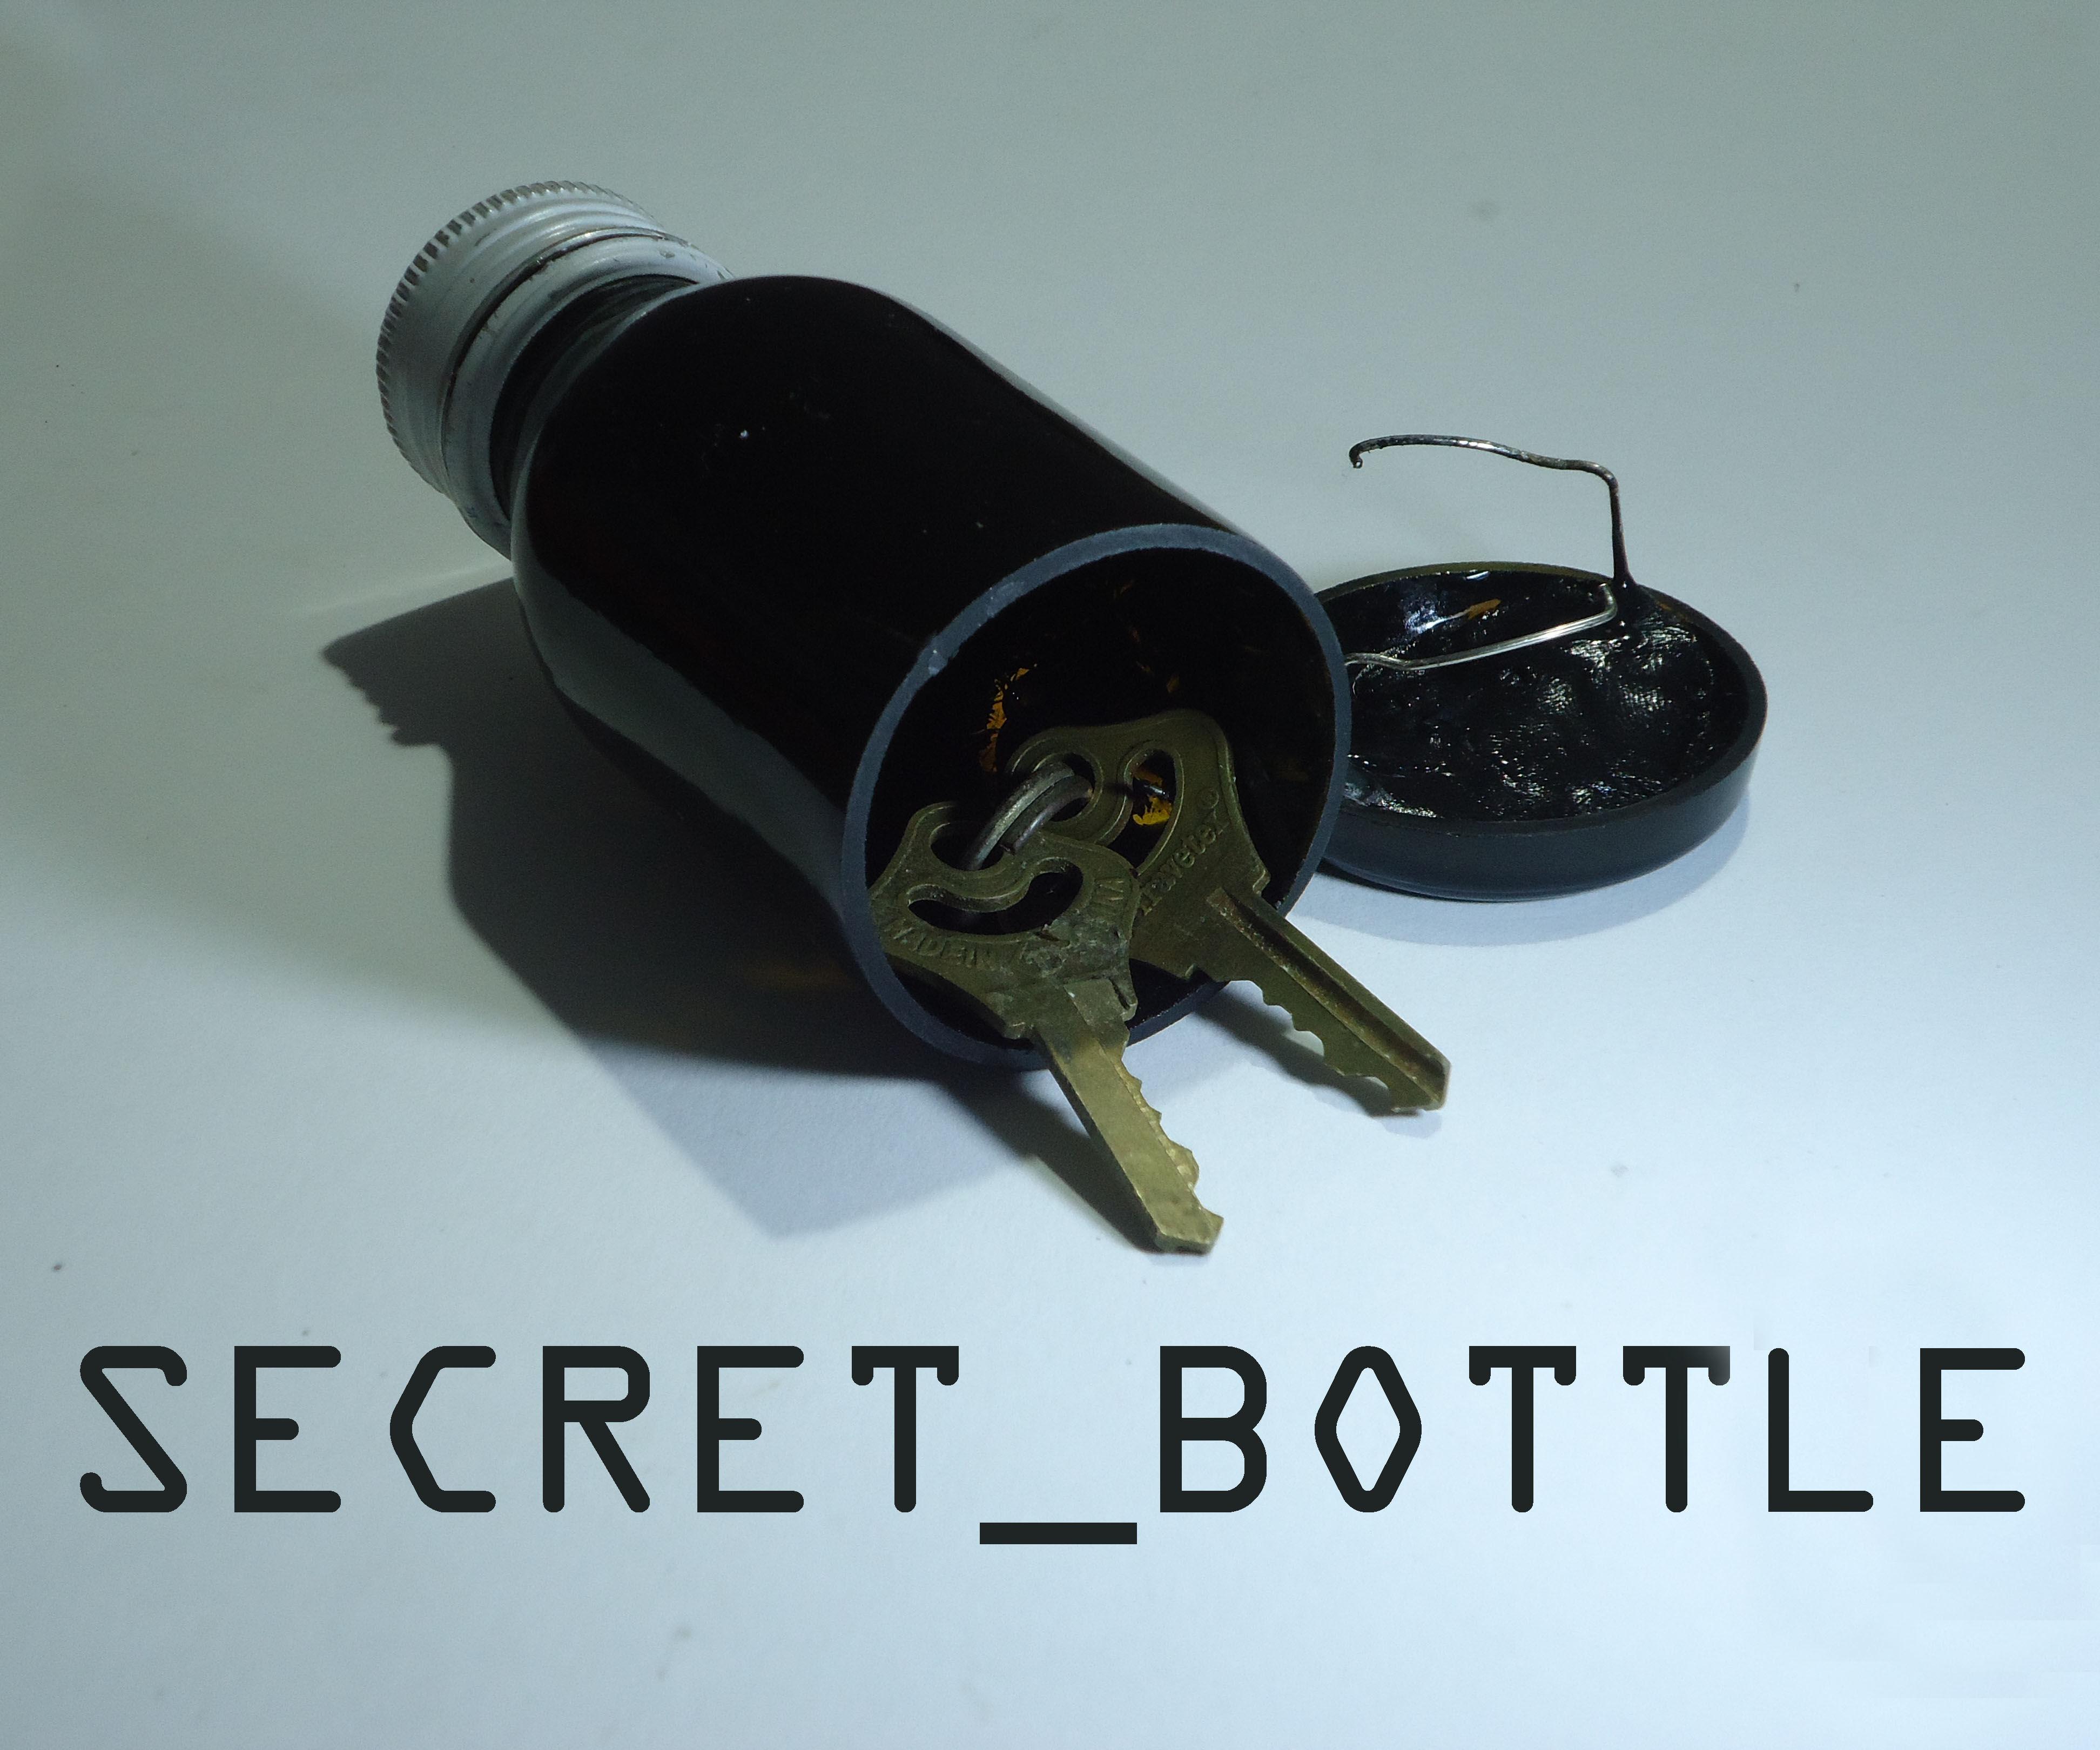 SECRET BOTTLE